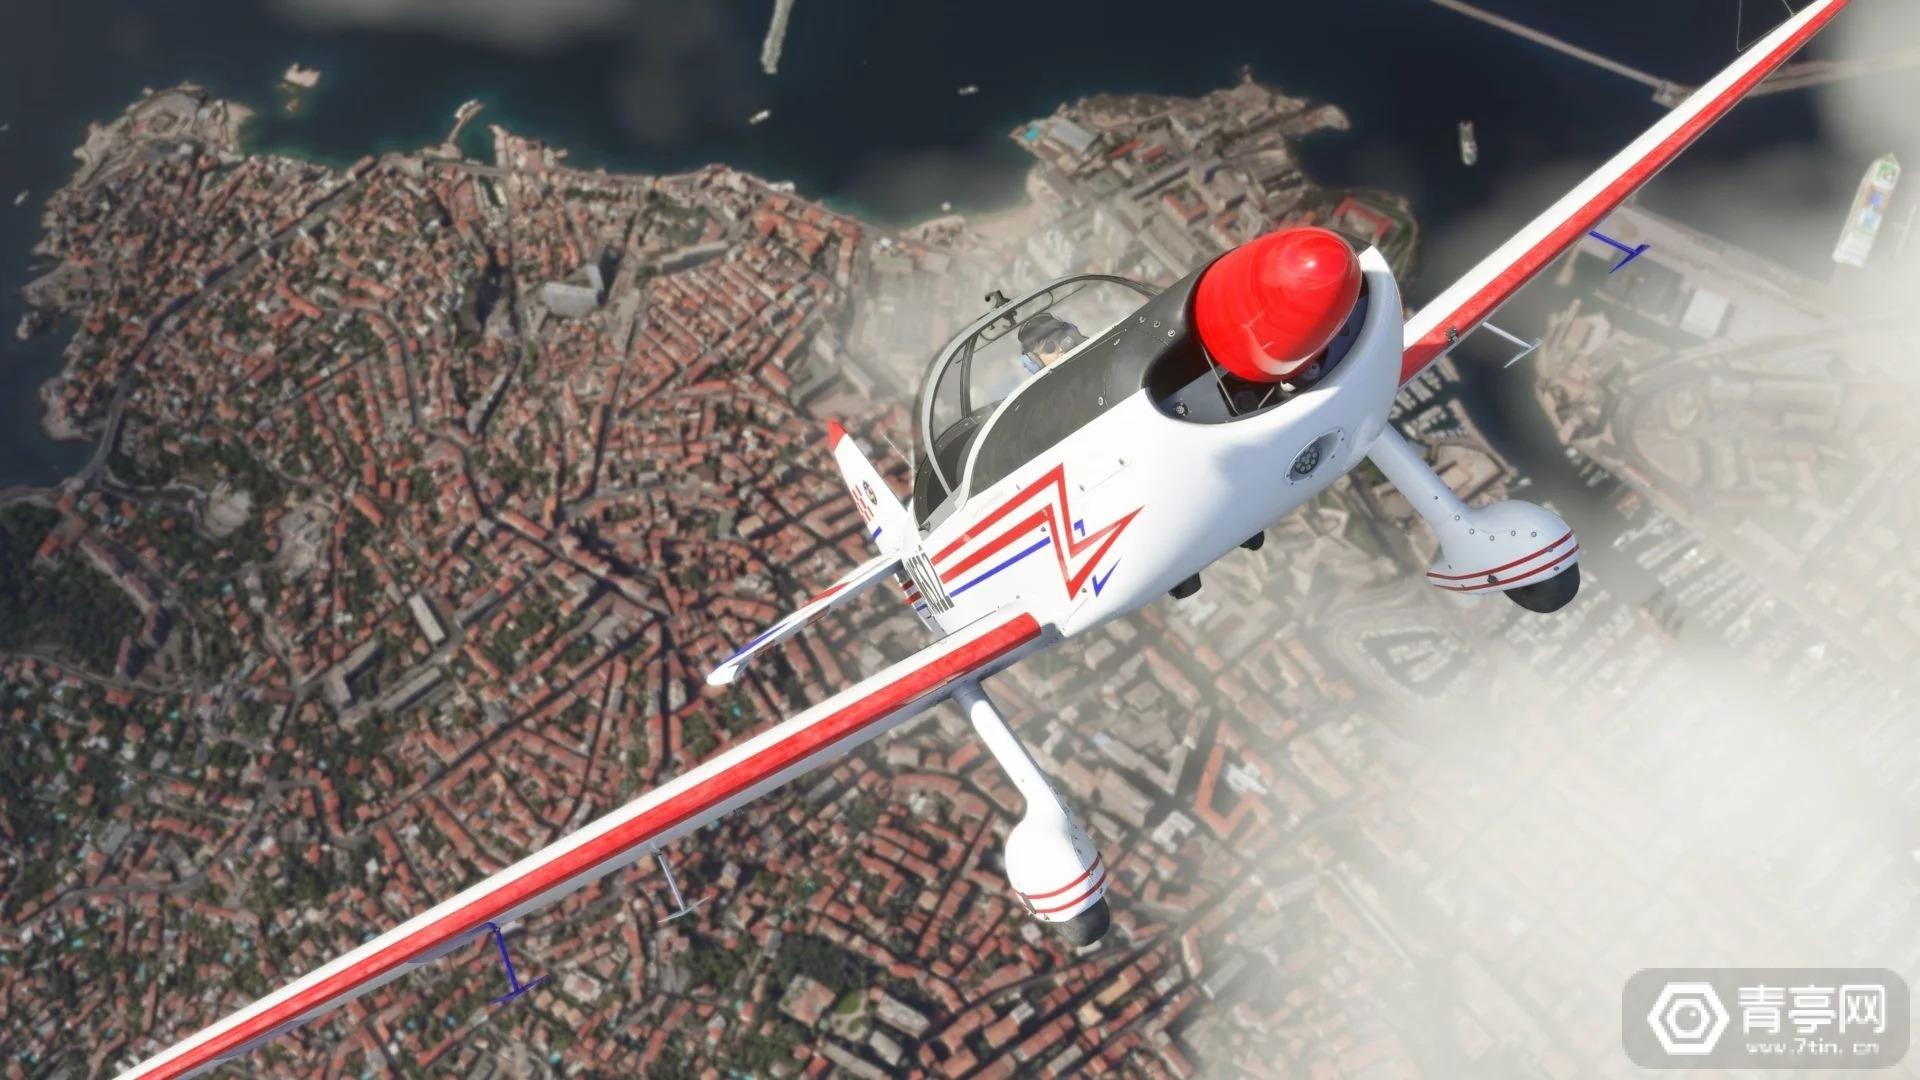 X019:《微软飞行模拟》新预告,蓝天白云驾机翱翔